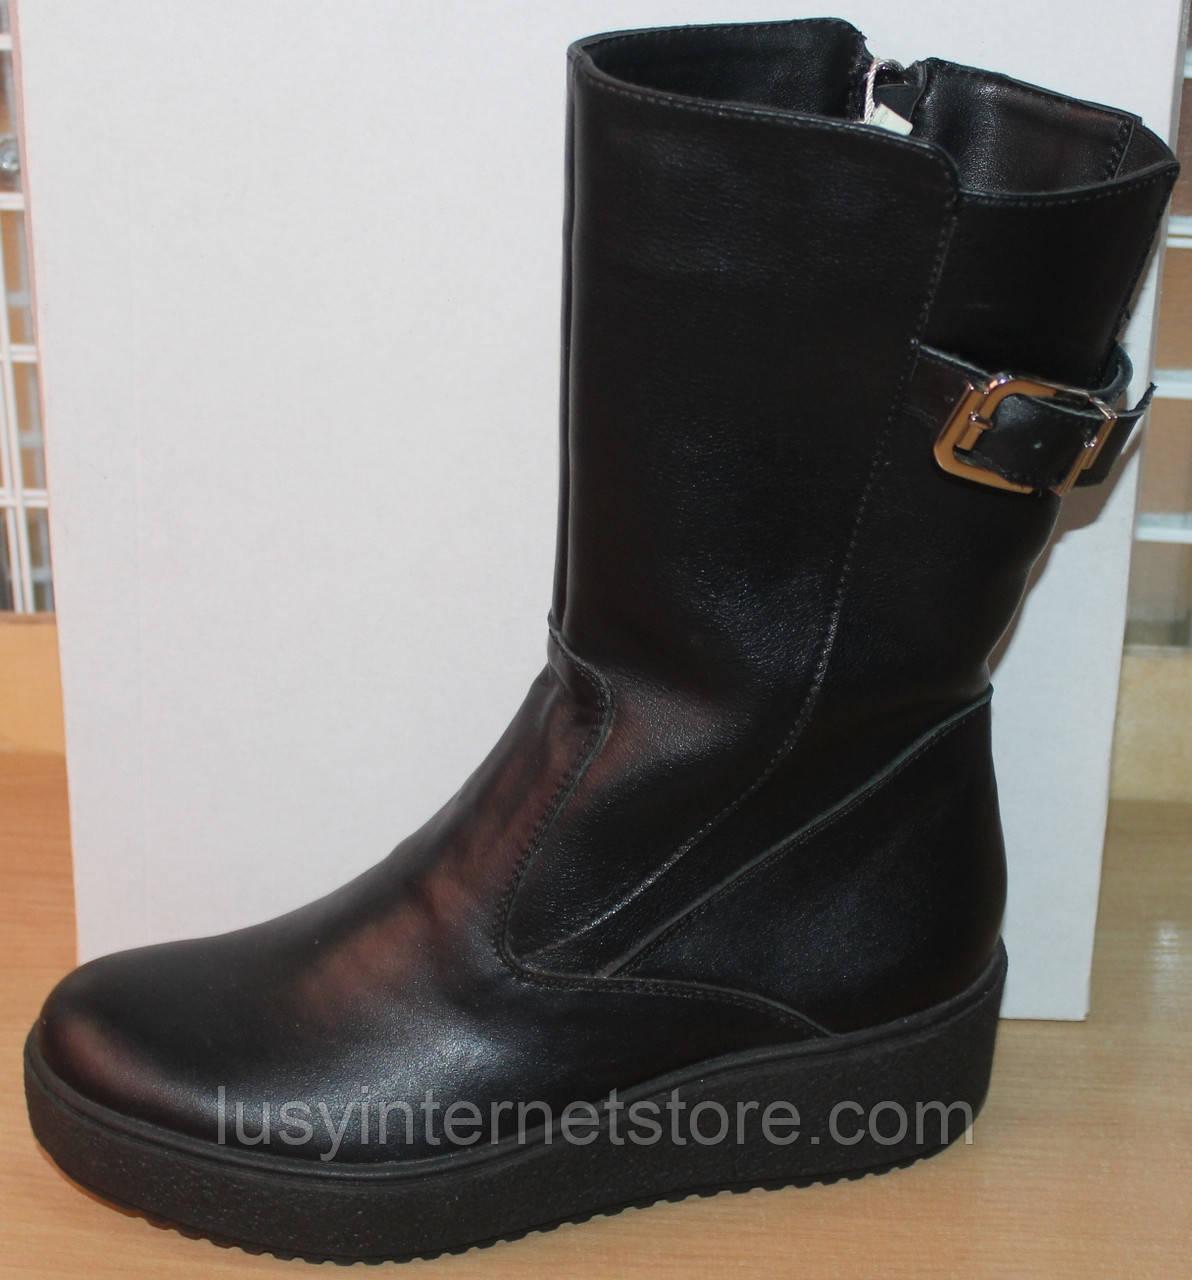 Сапоги зимние кожаные женские на широкую ногу от производителя модель СА251